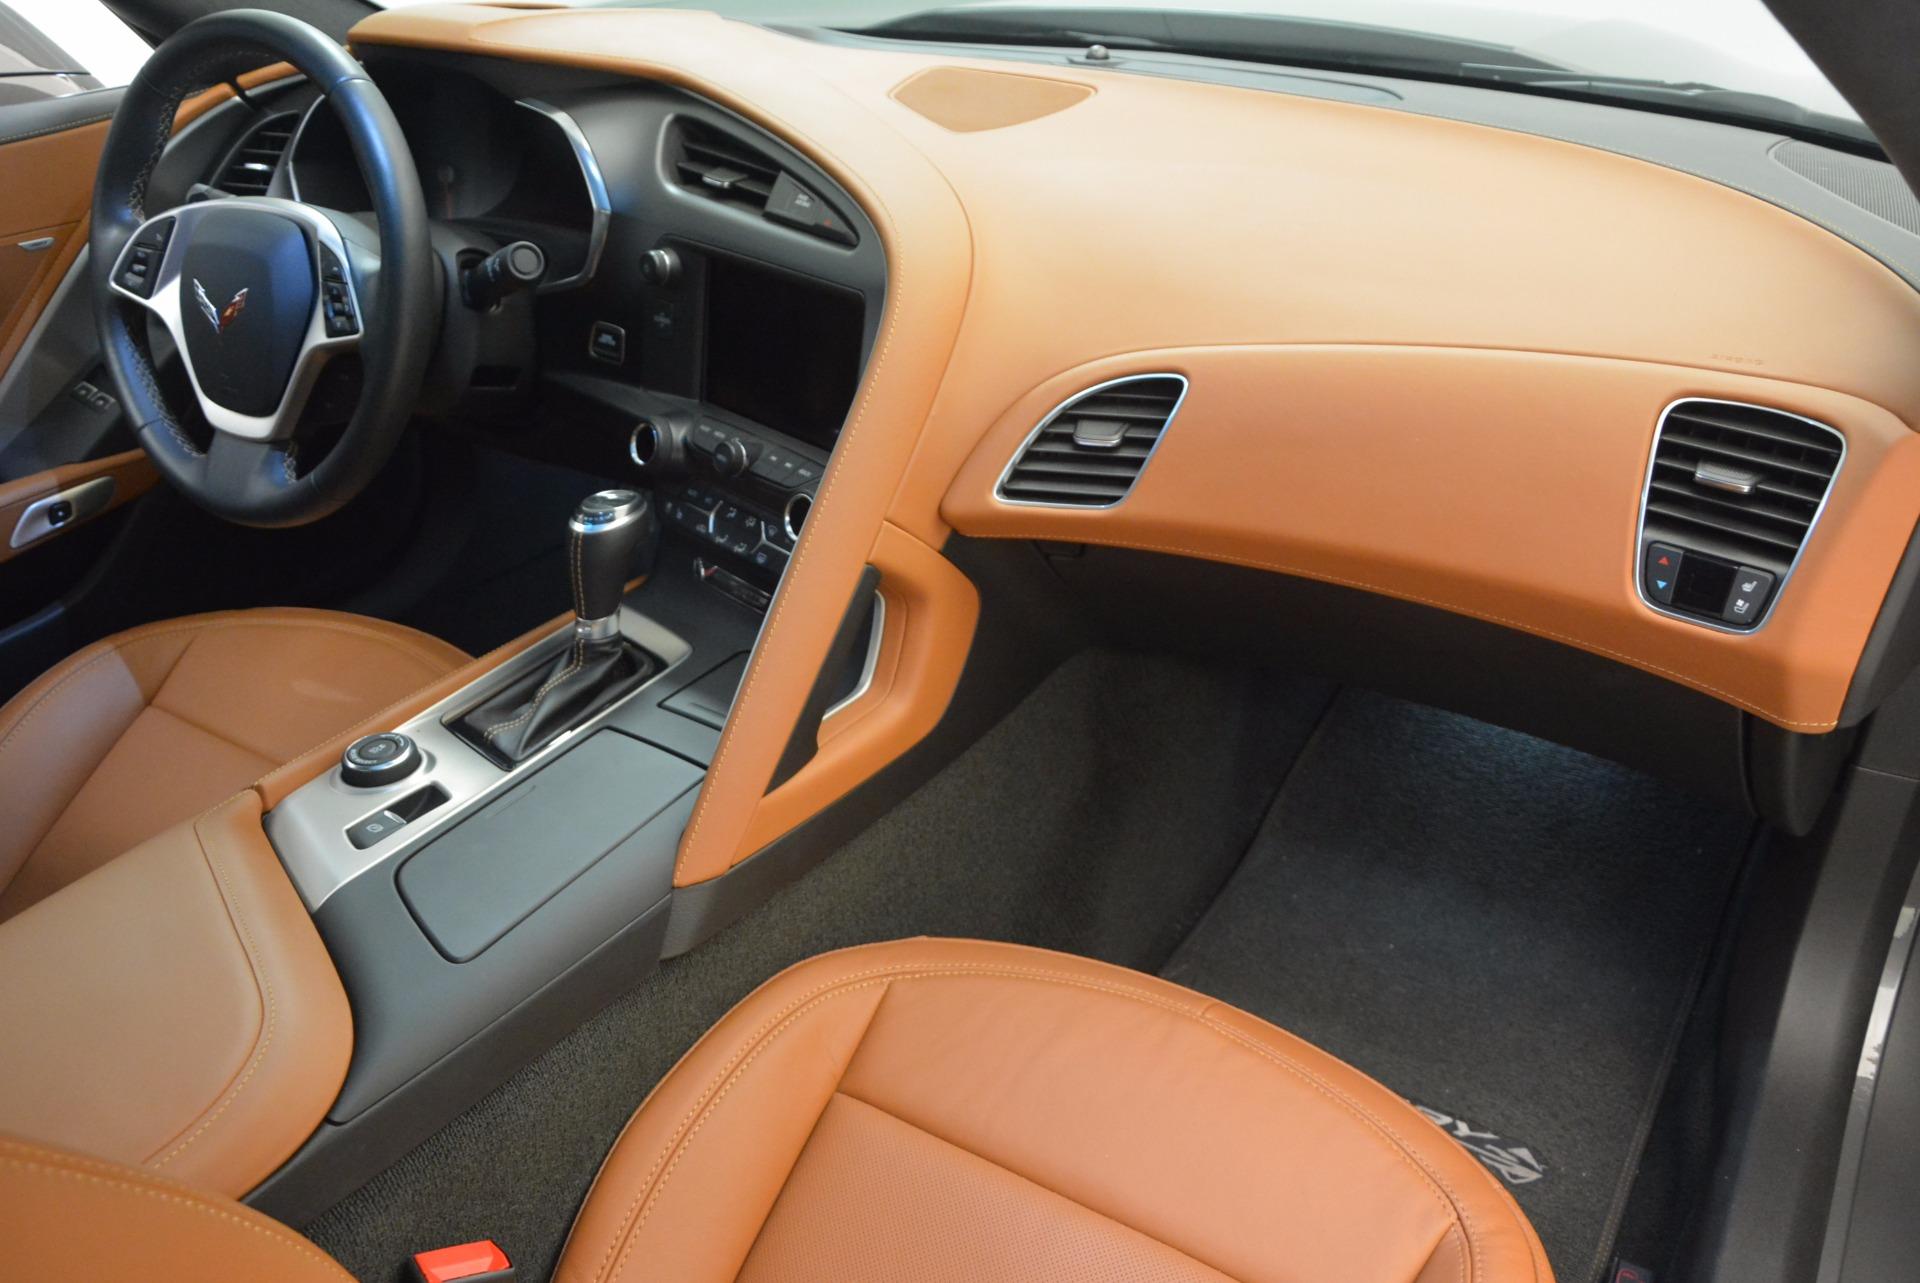 Used 2015 Chevrolet Corvette Stingray Z51